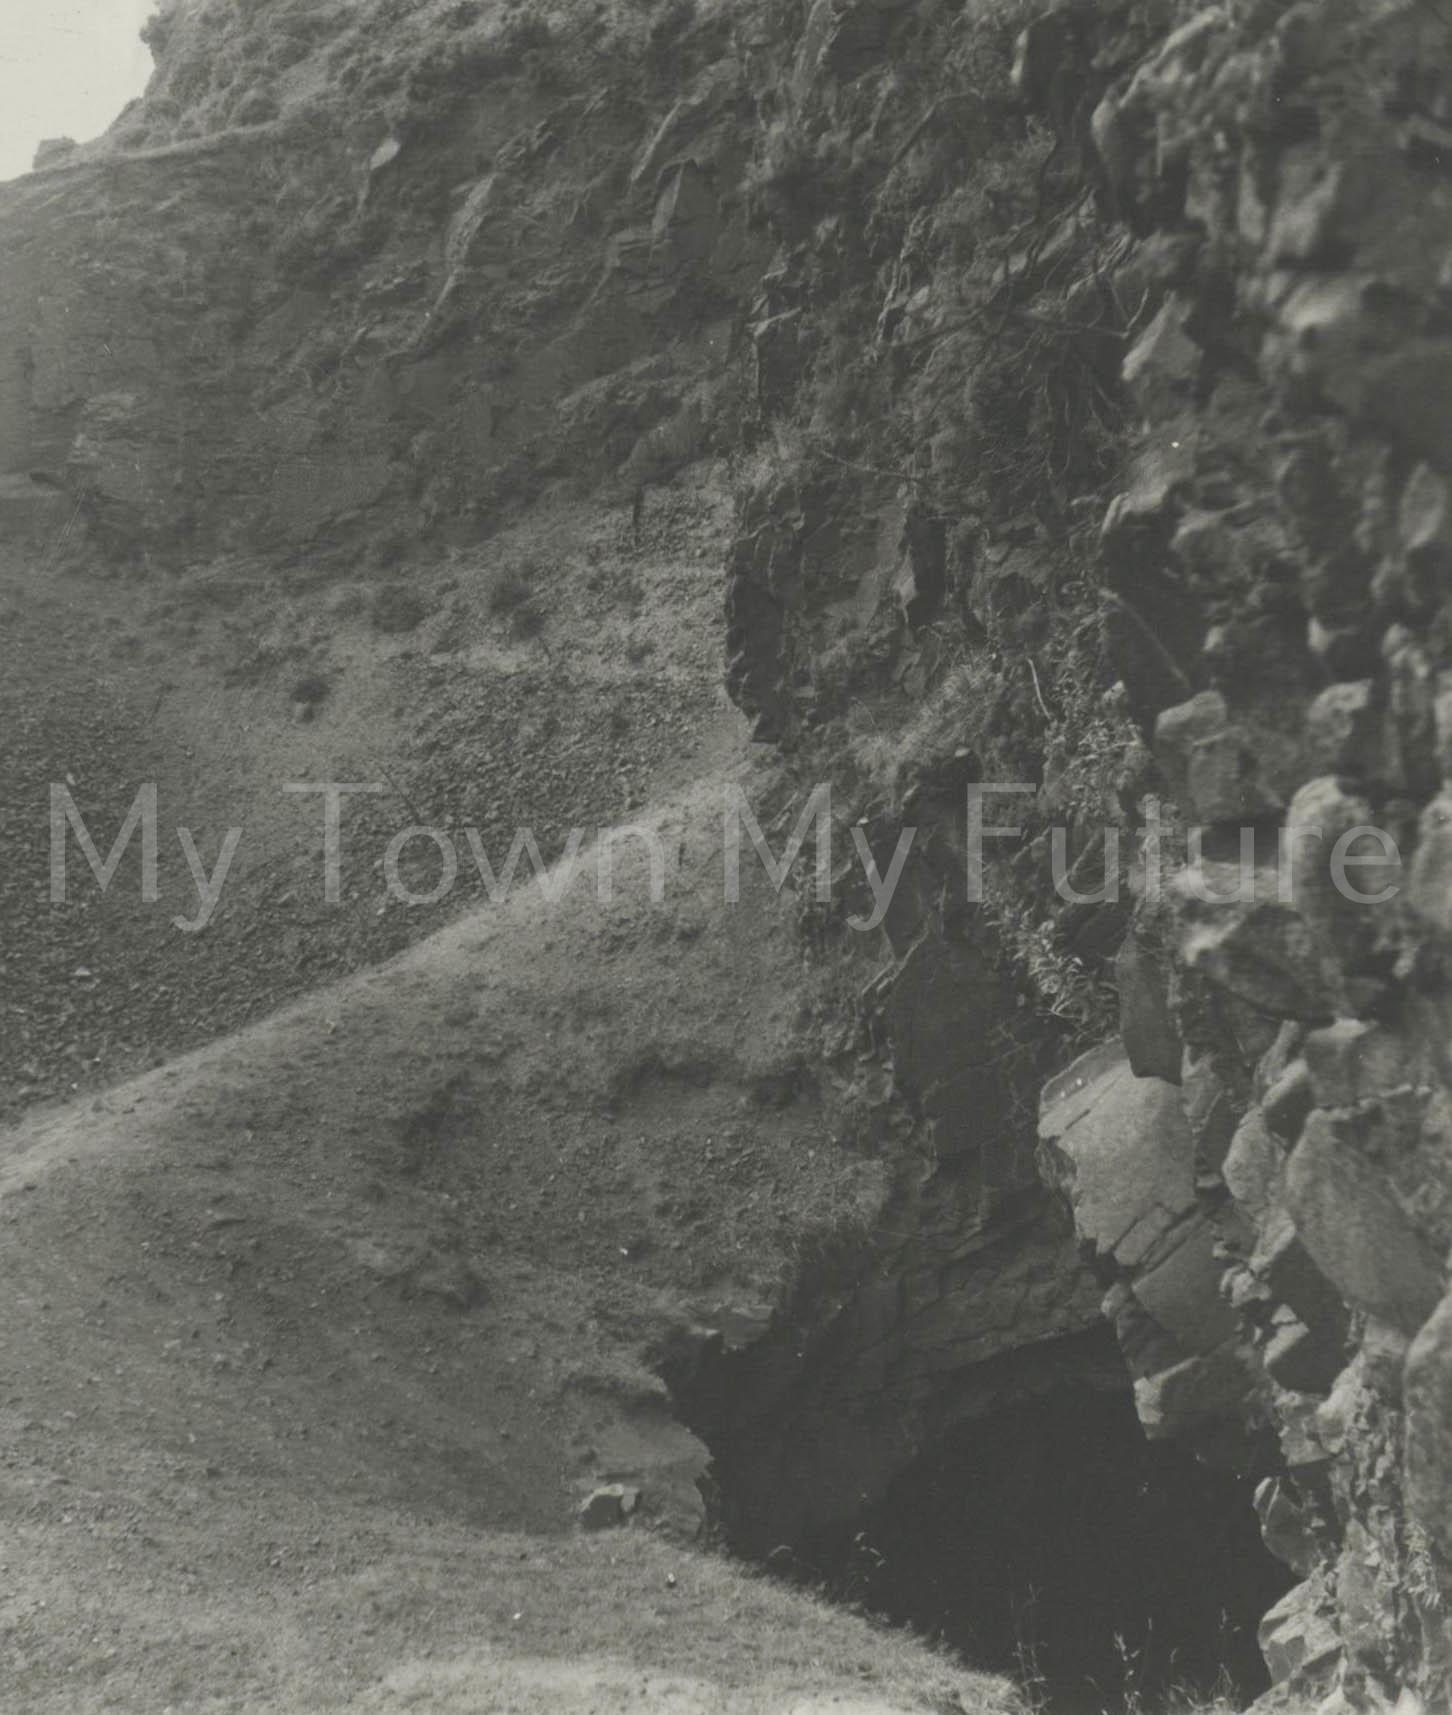 Elephant Hole Great Ayton